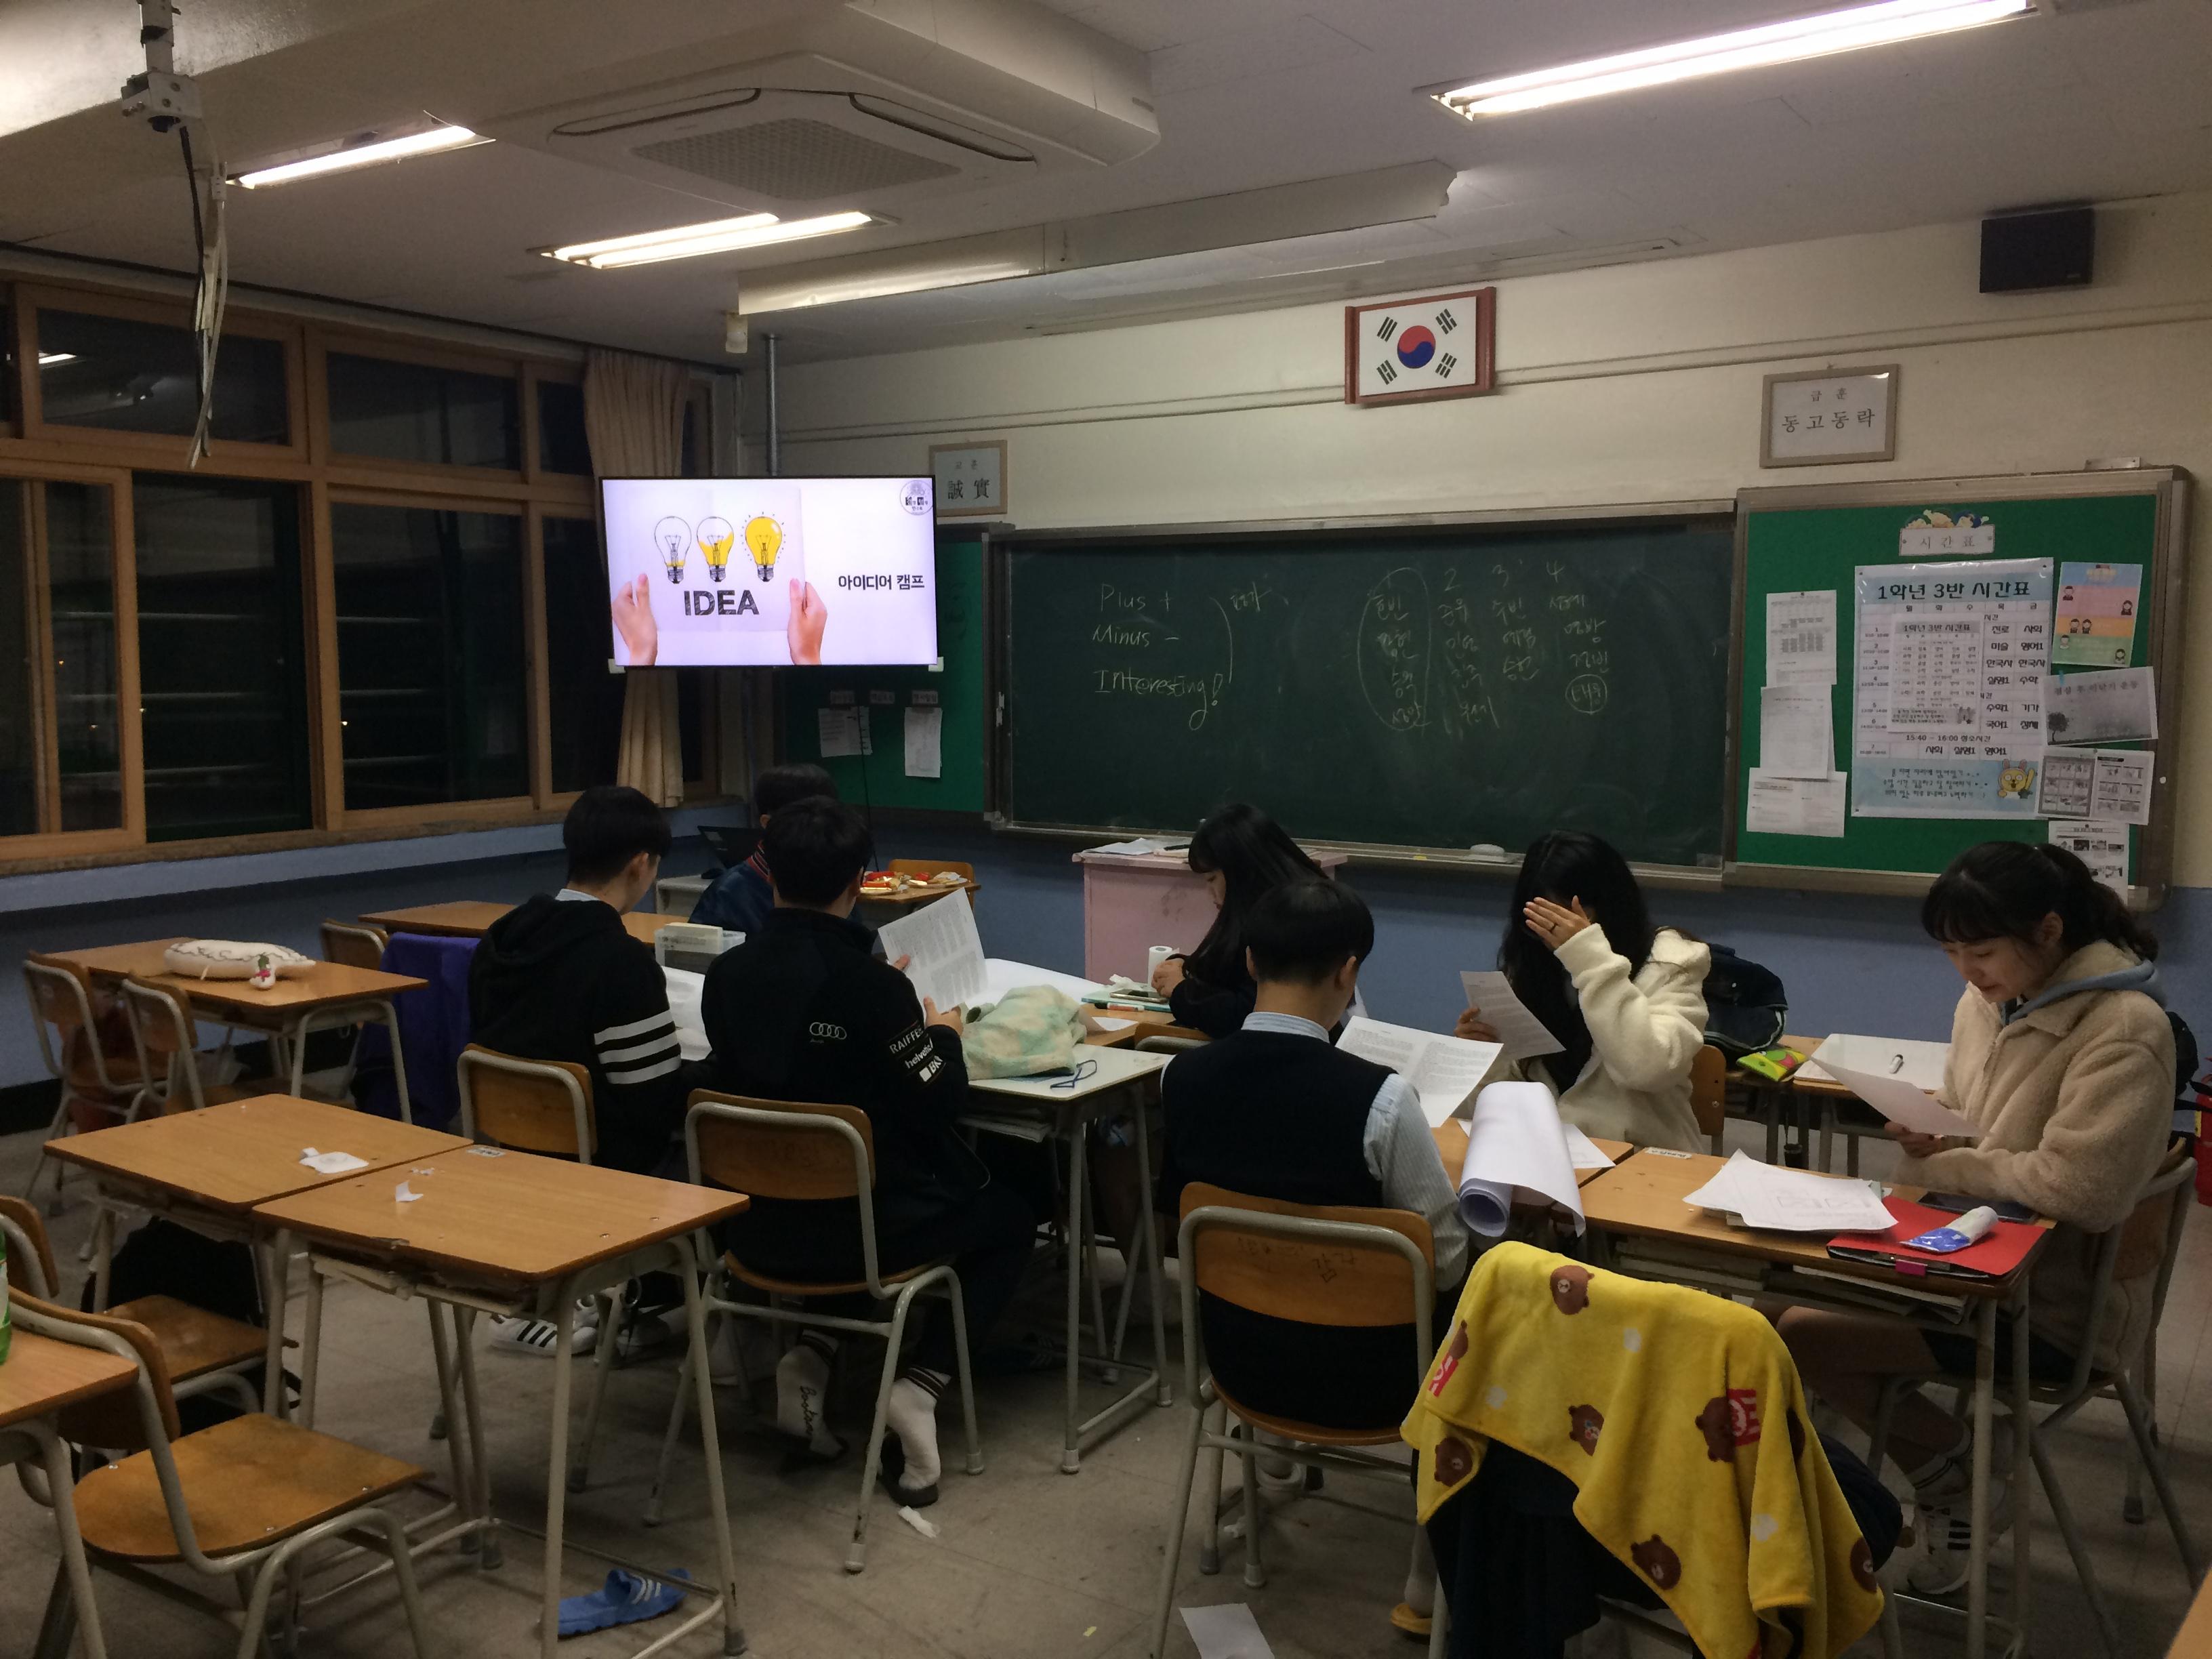 [일반] 경영행정연구회 아이디어 캠프(11월~1월)의 첨부이미지 2